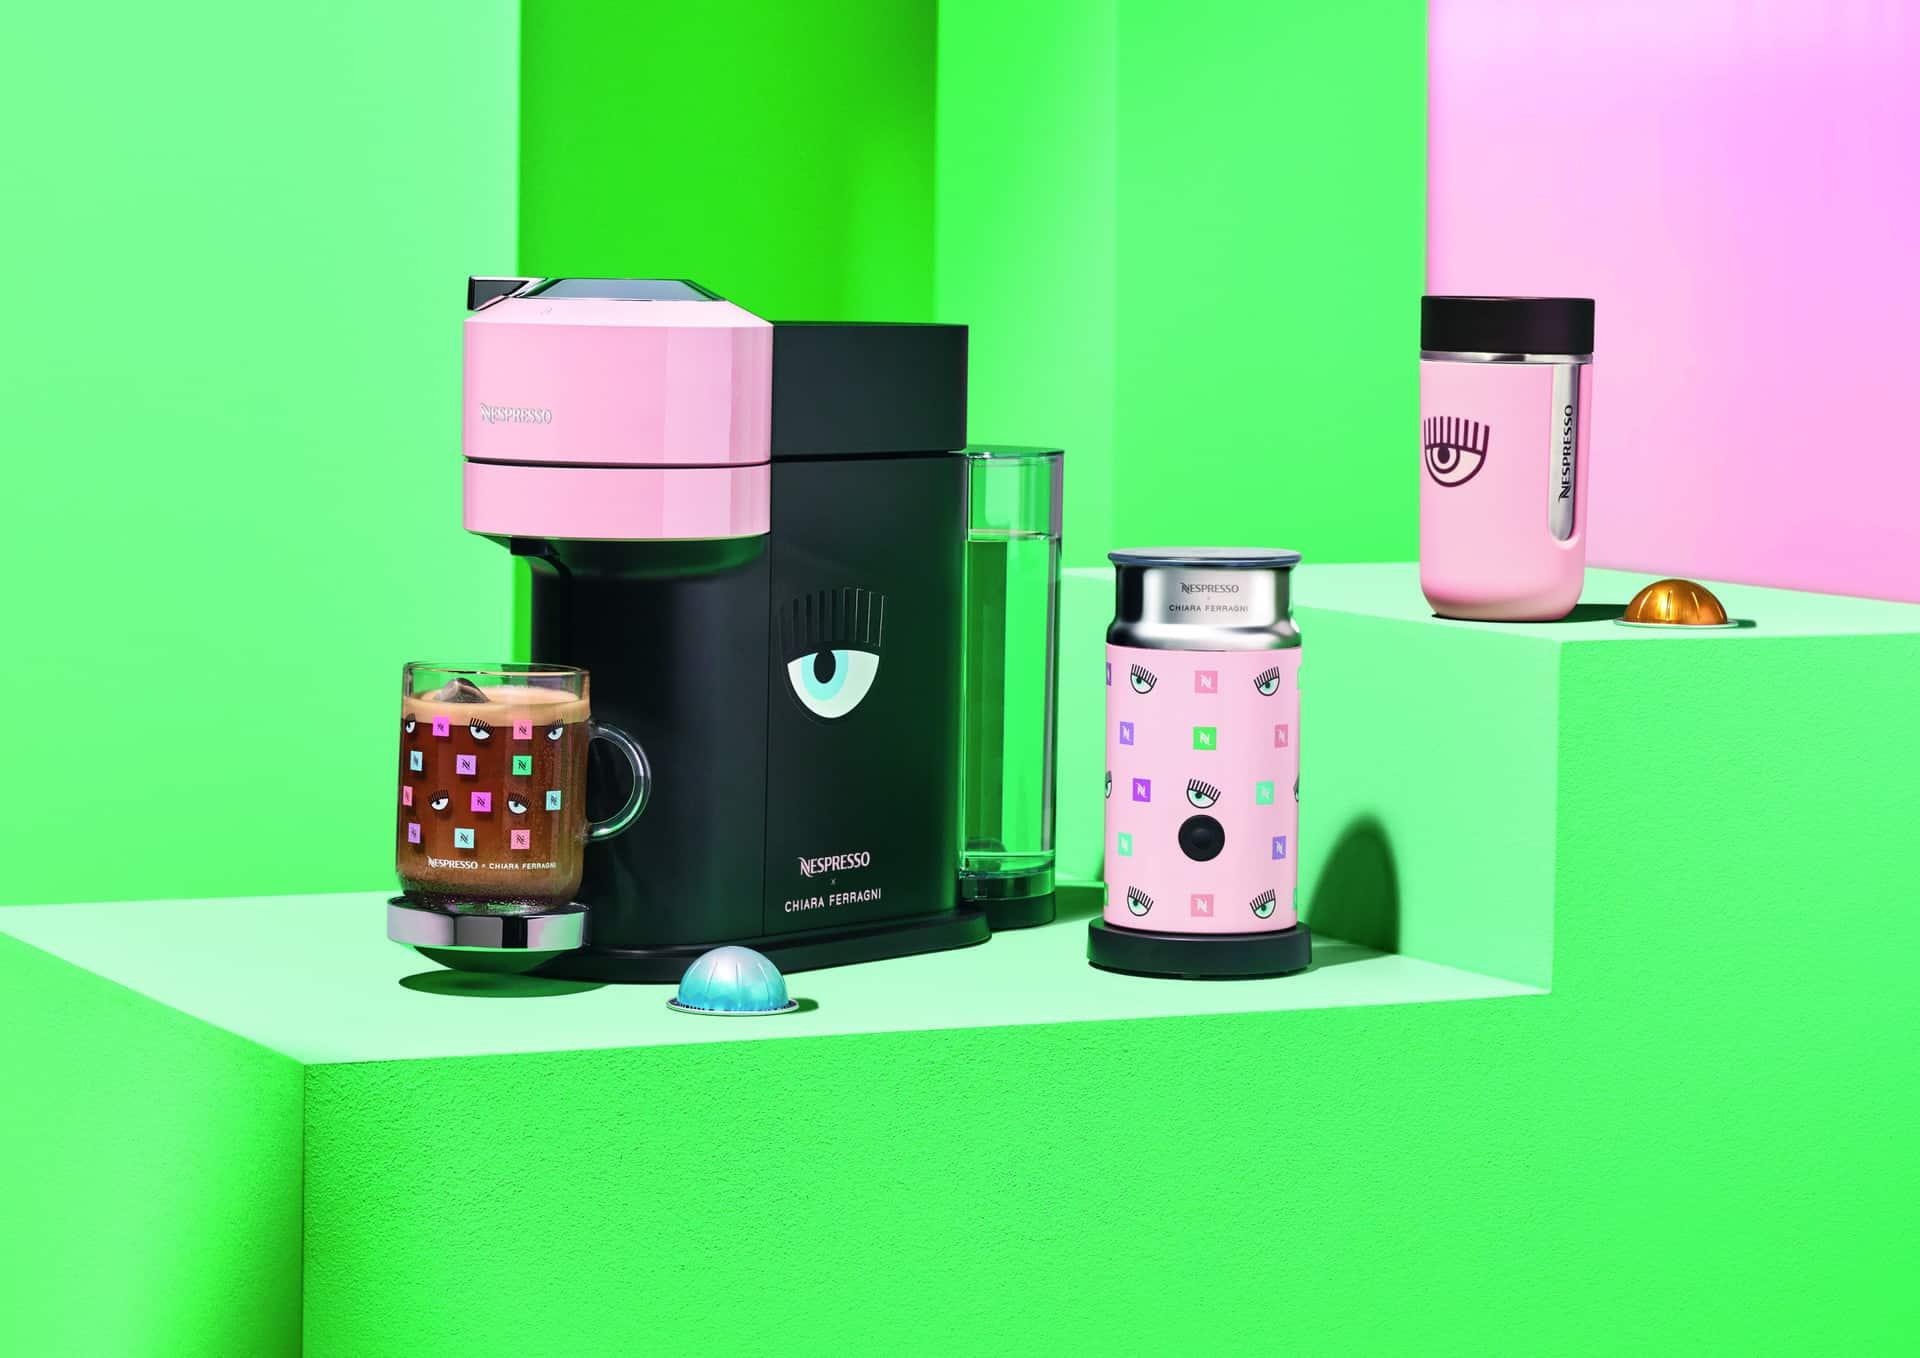 La summer collection Nespresso firmata Chiara Ferragni: una linea vivace e frizzante